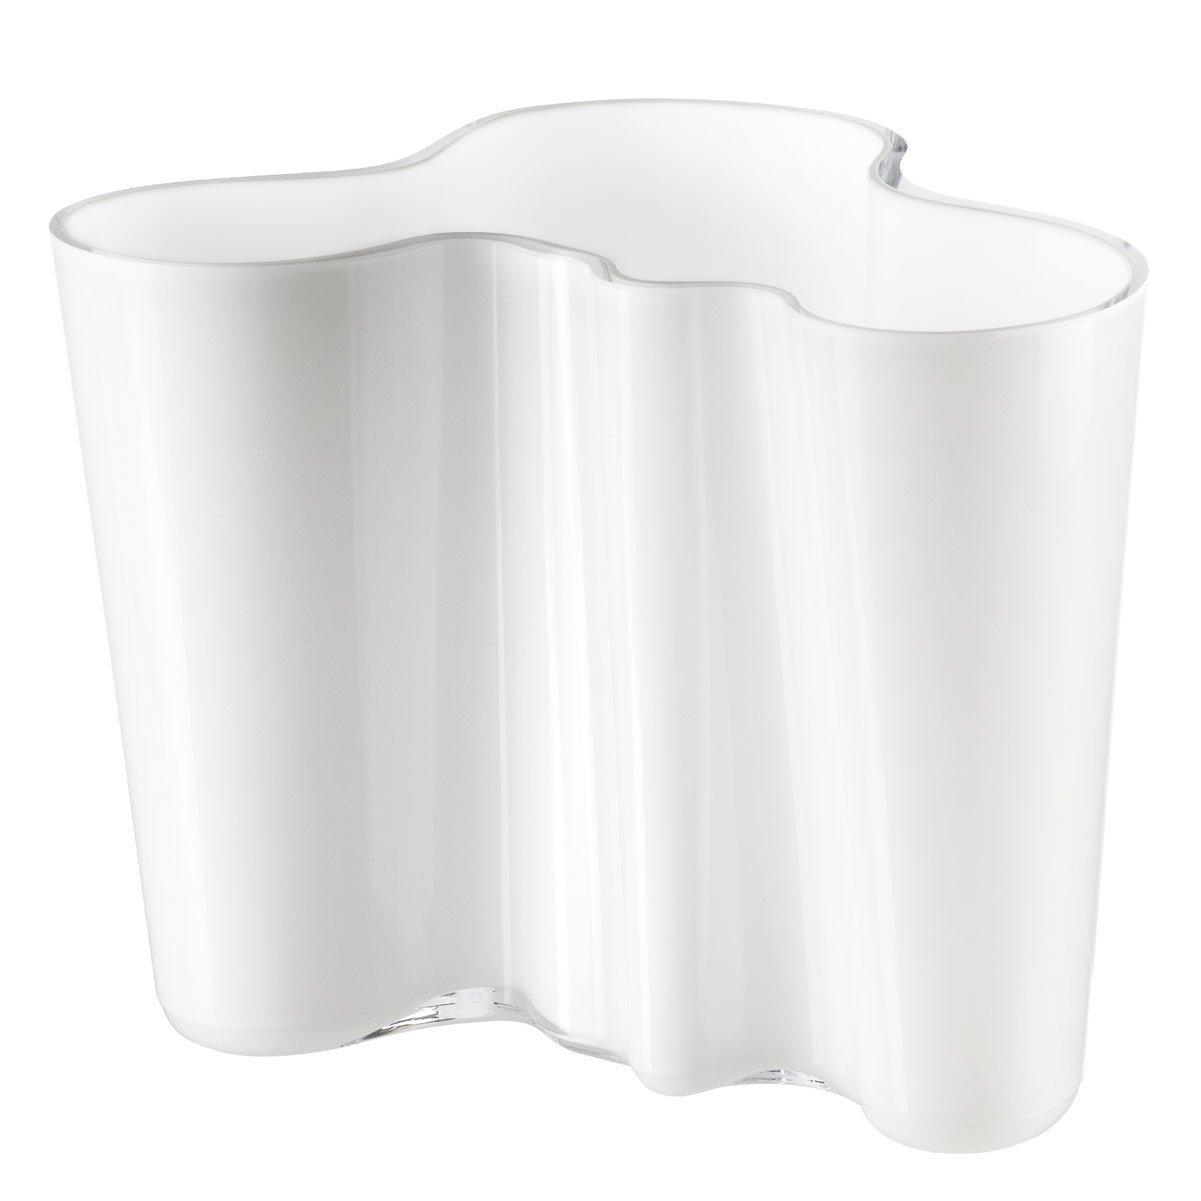 【正規輸入品】 iittala(イッタラ) Alvar Aalto Collection フラワーベース ホワイト 160mm B0000C8TI5